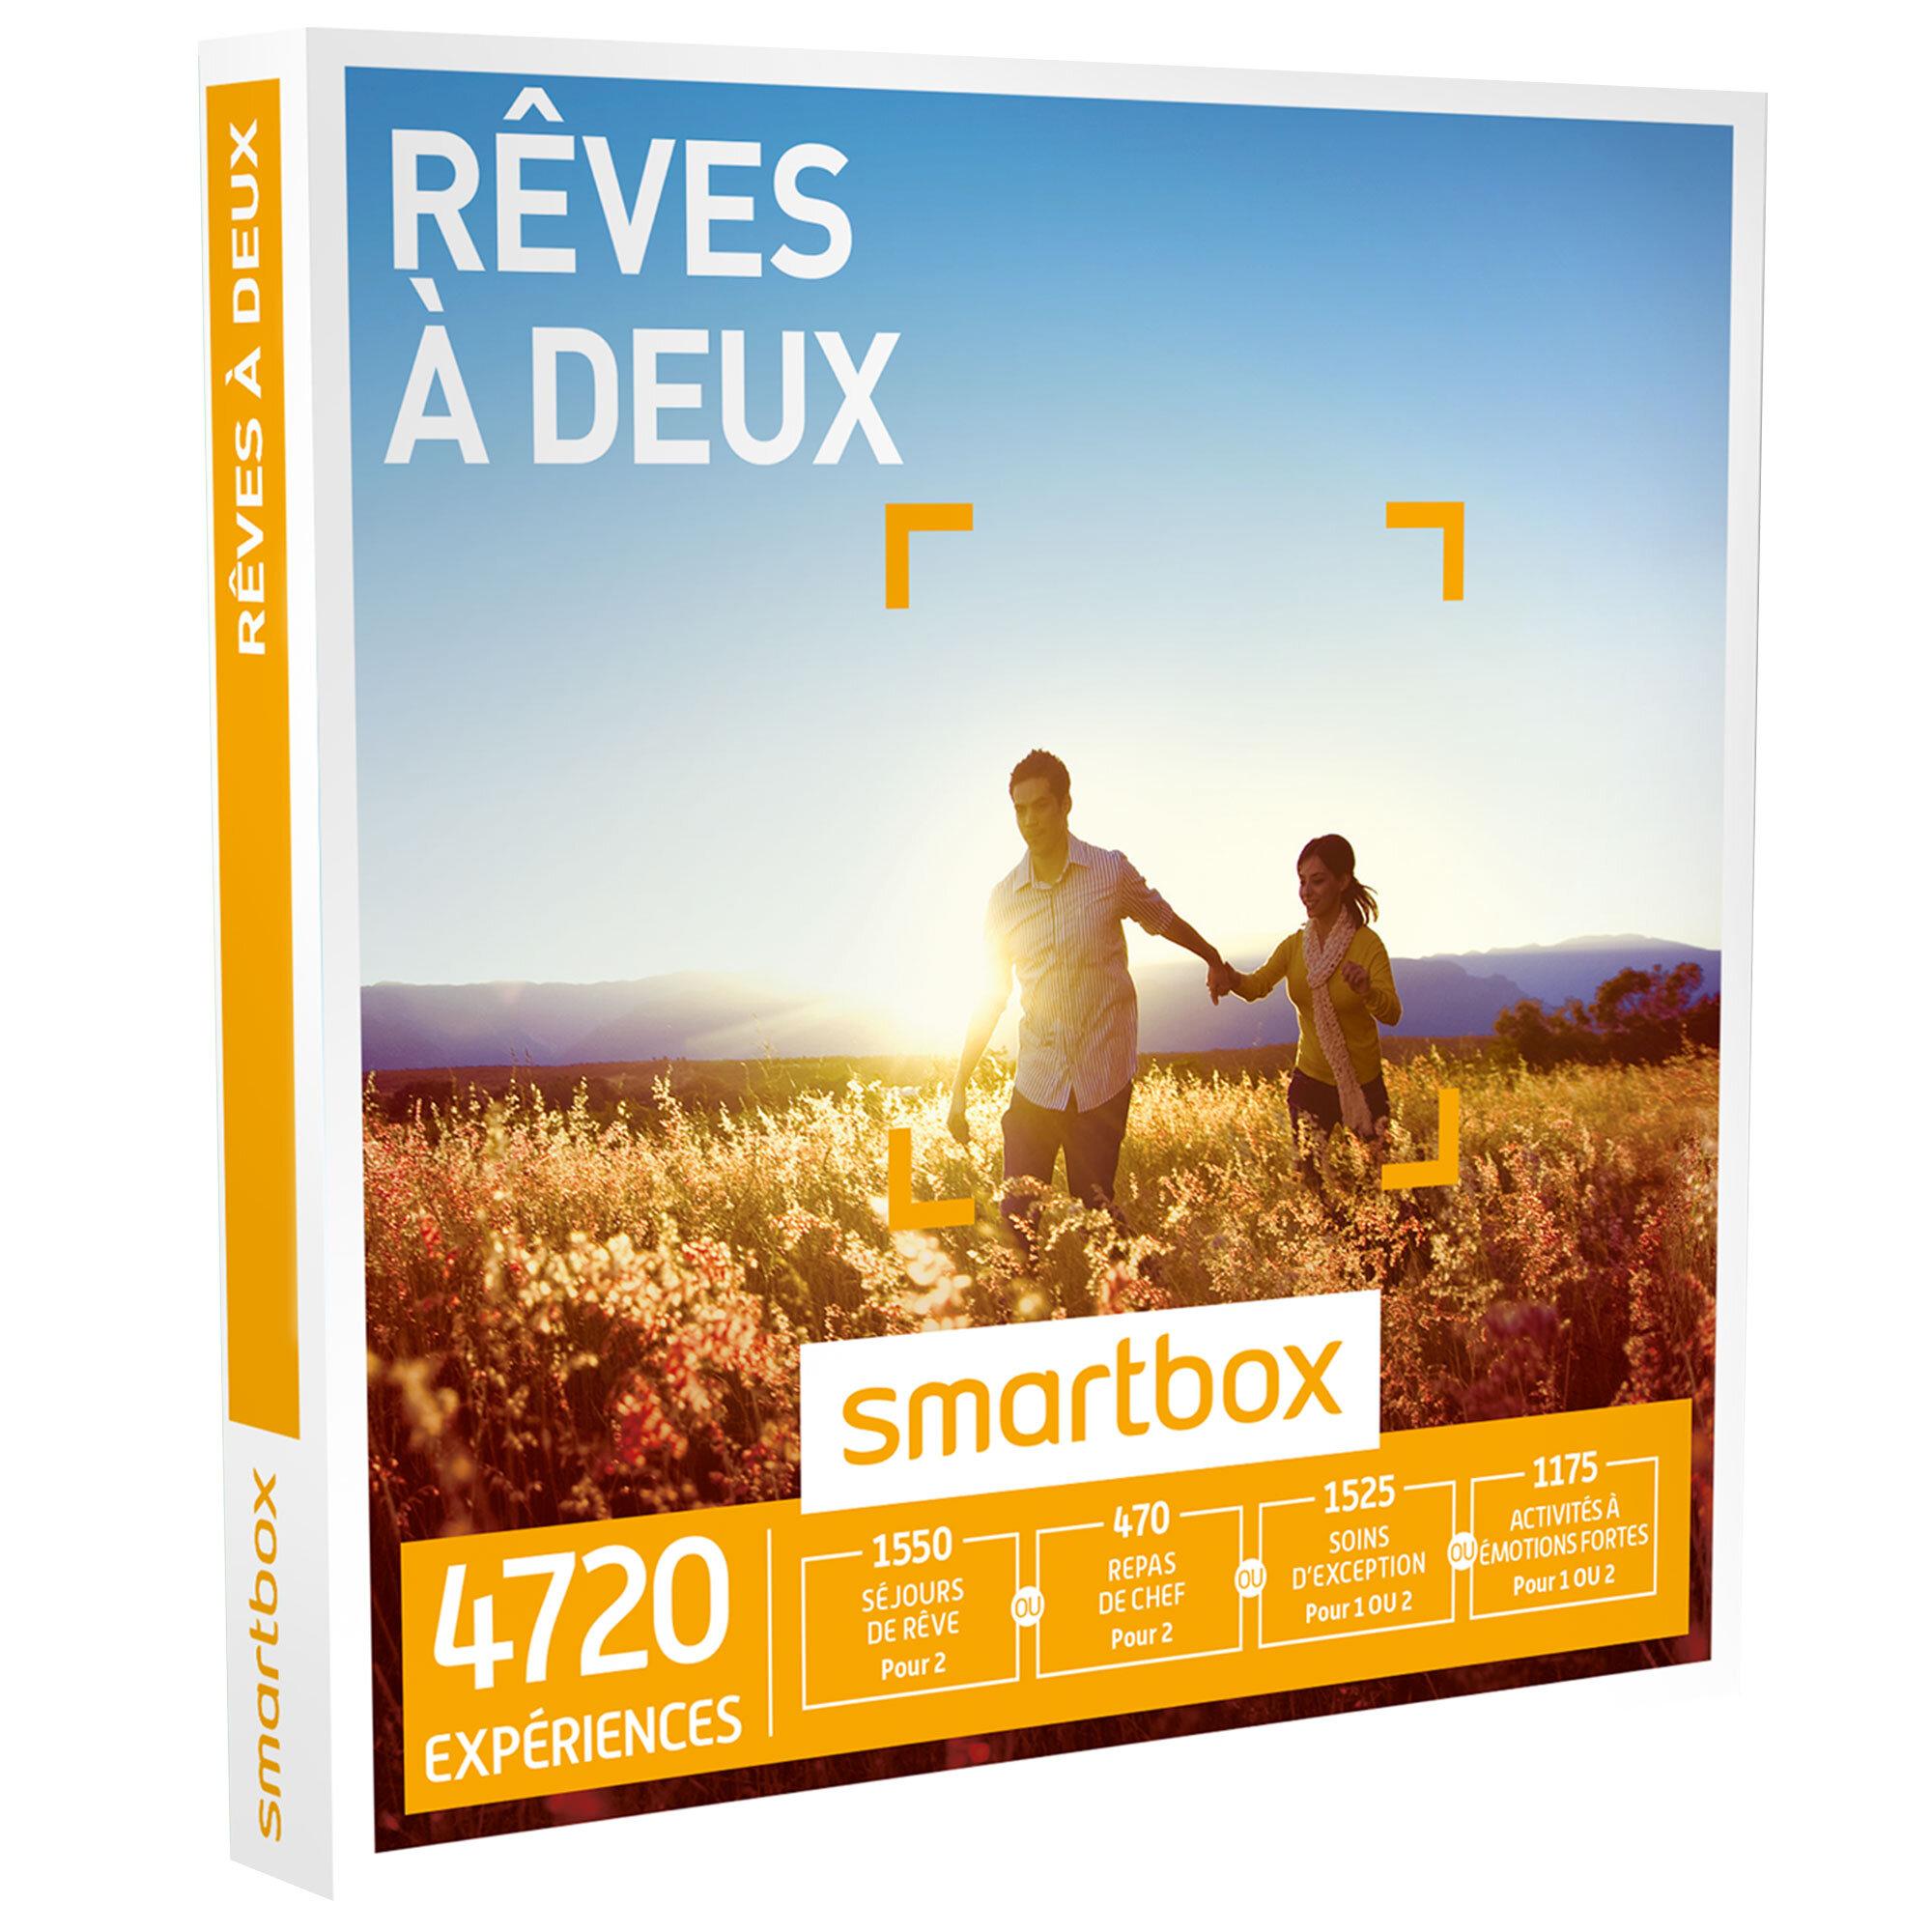 Coffret Cadeau Reves A Deux Smartbox Achat Vente Livre